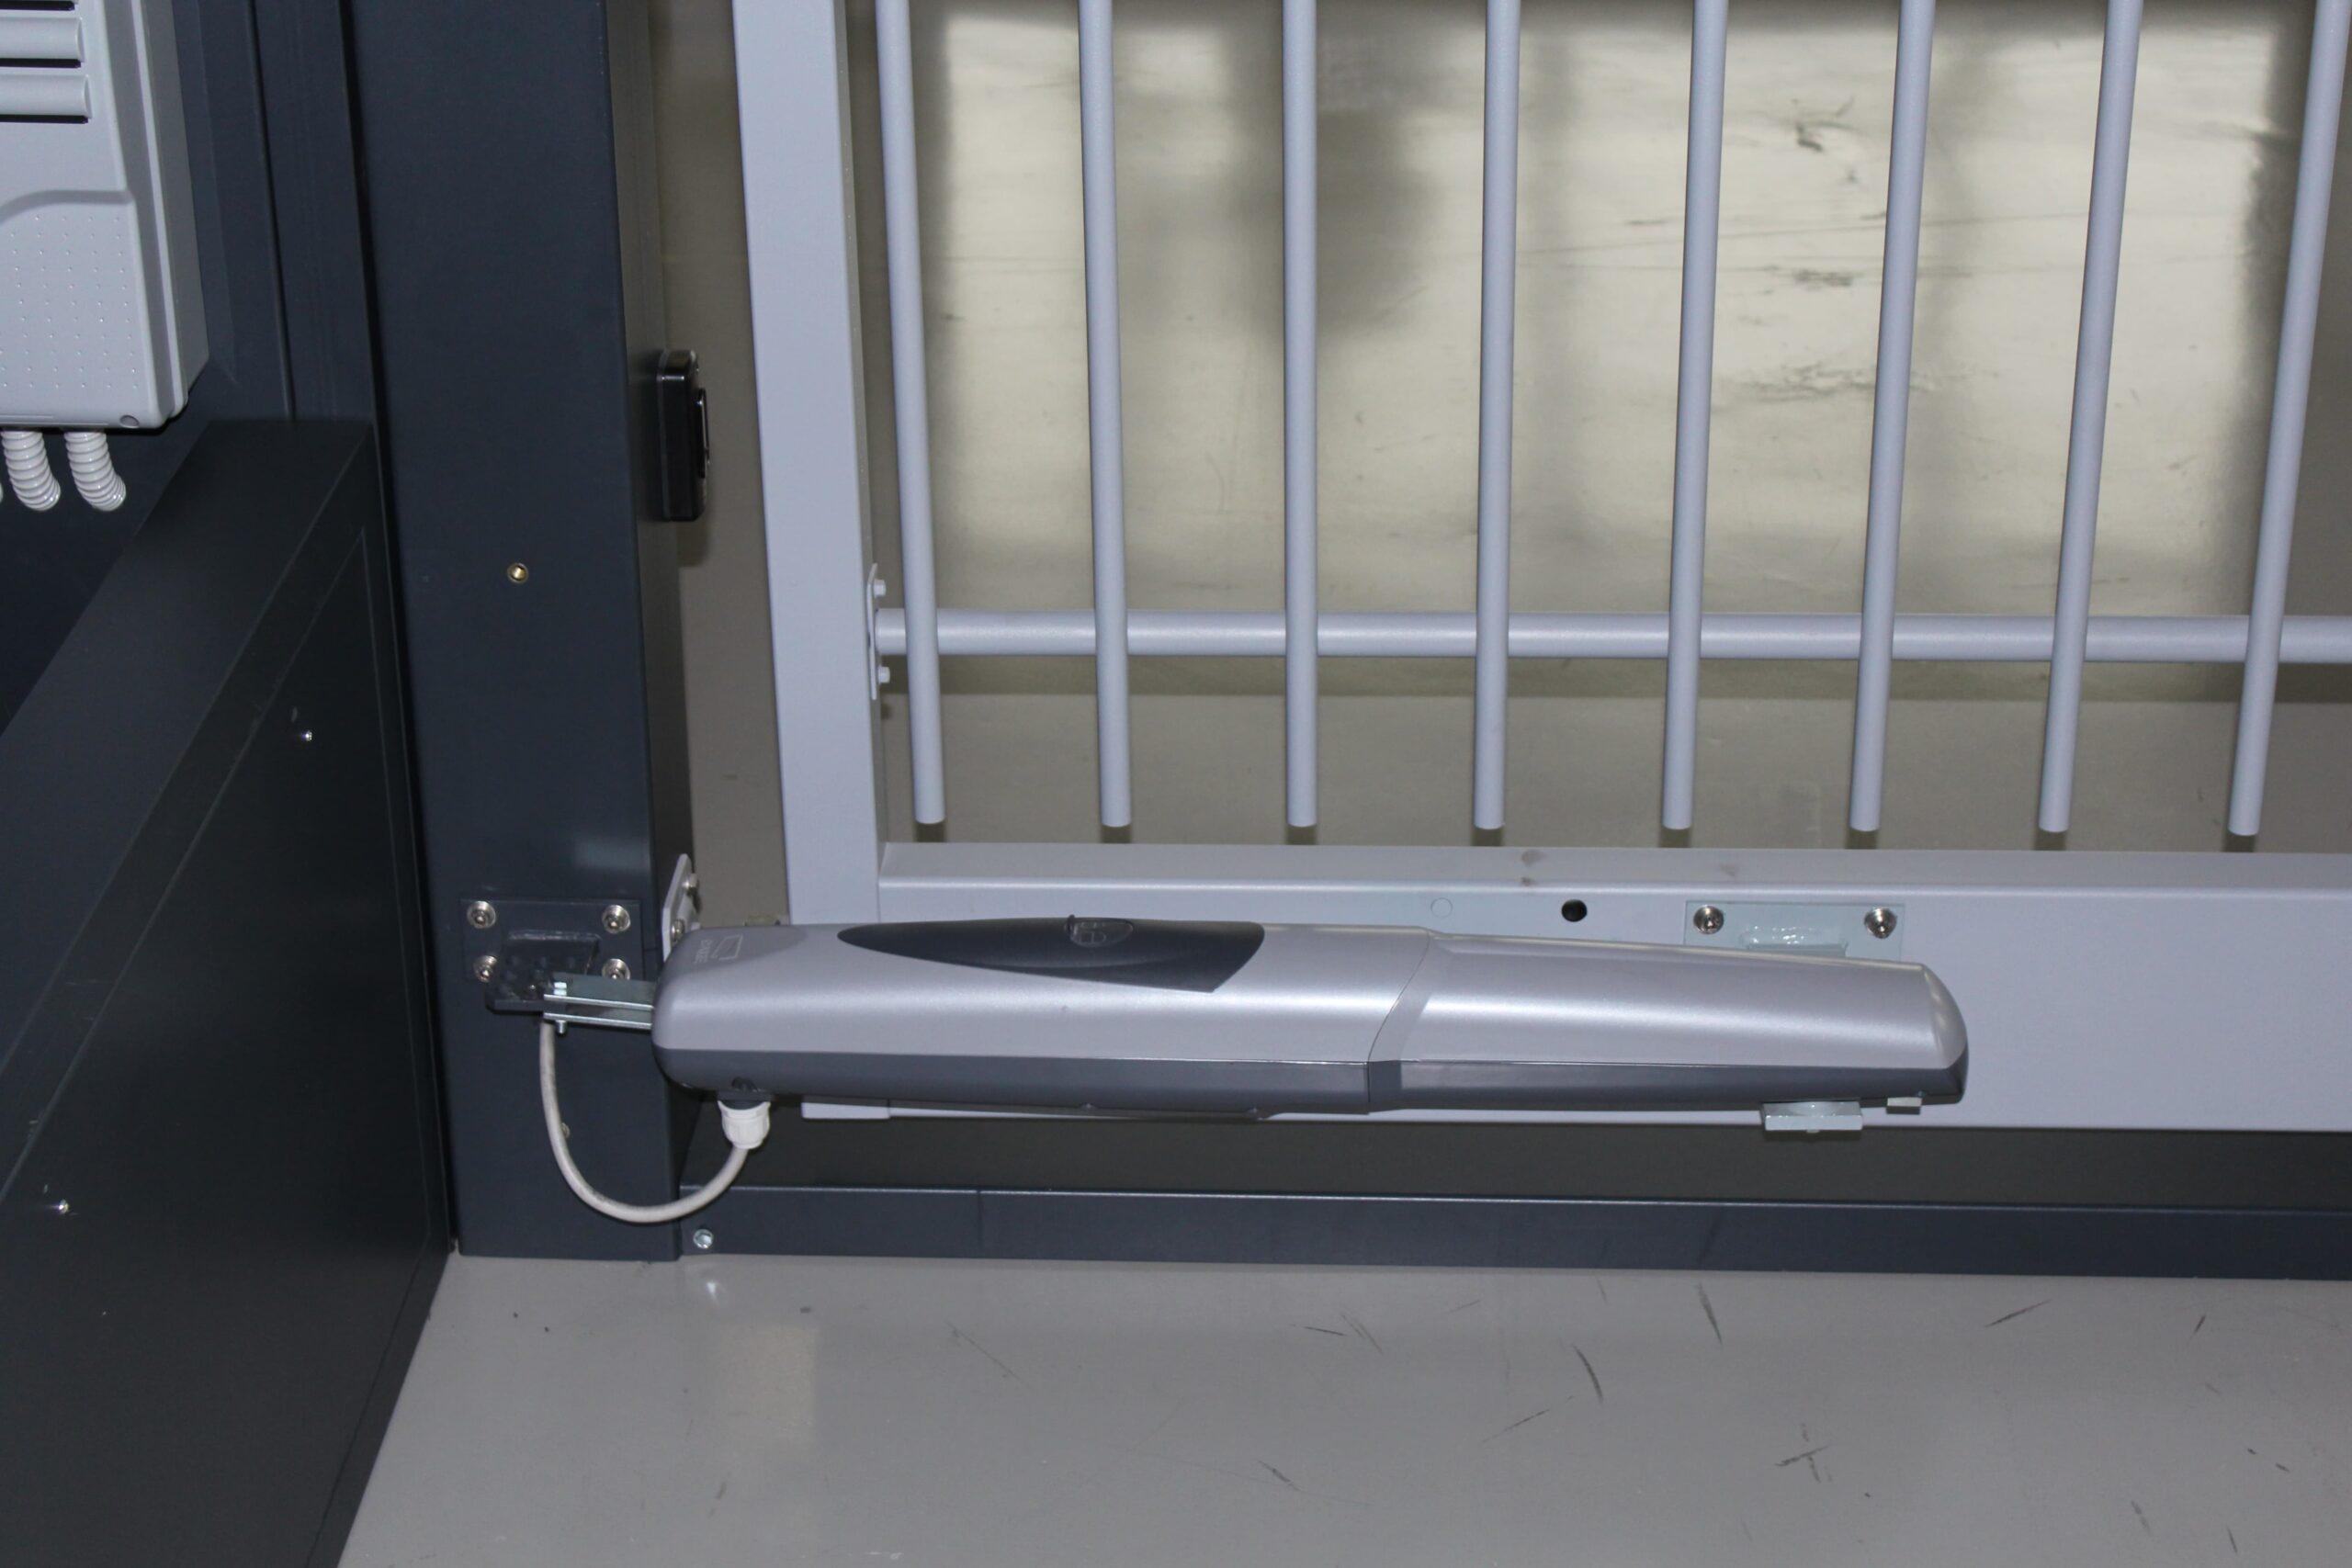 Автоматические распашные ворота. Плюсы, минусы, способы управления